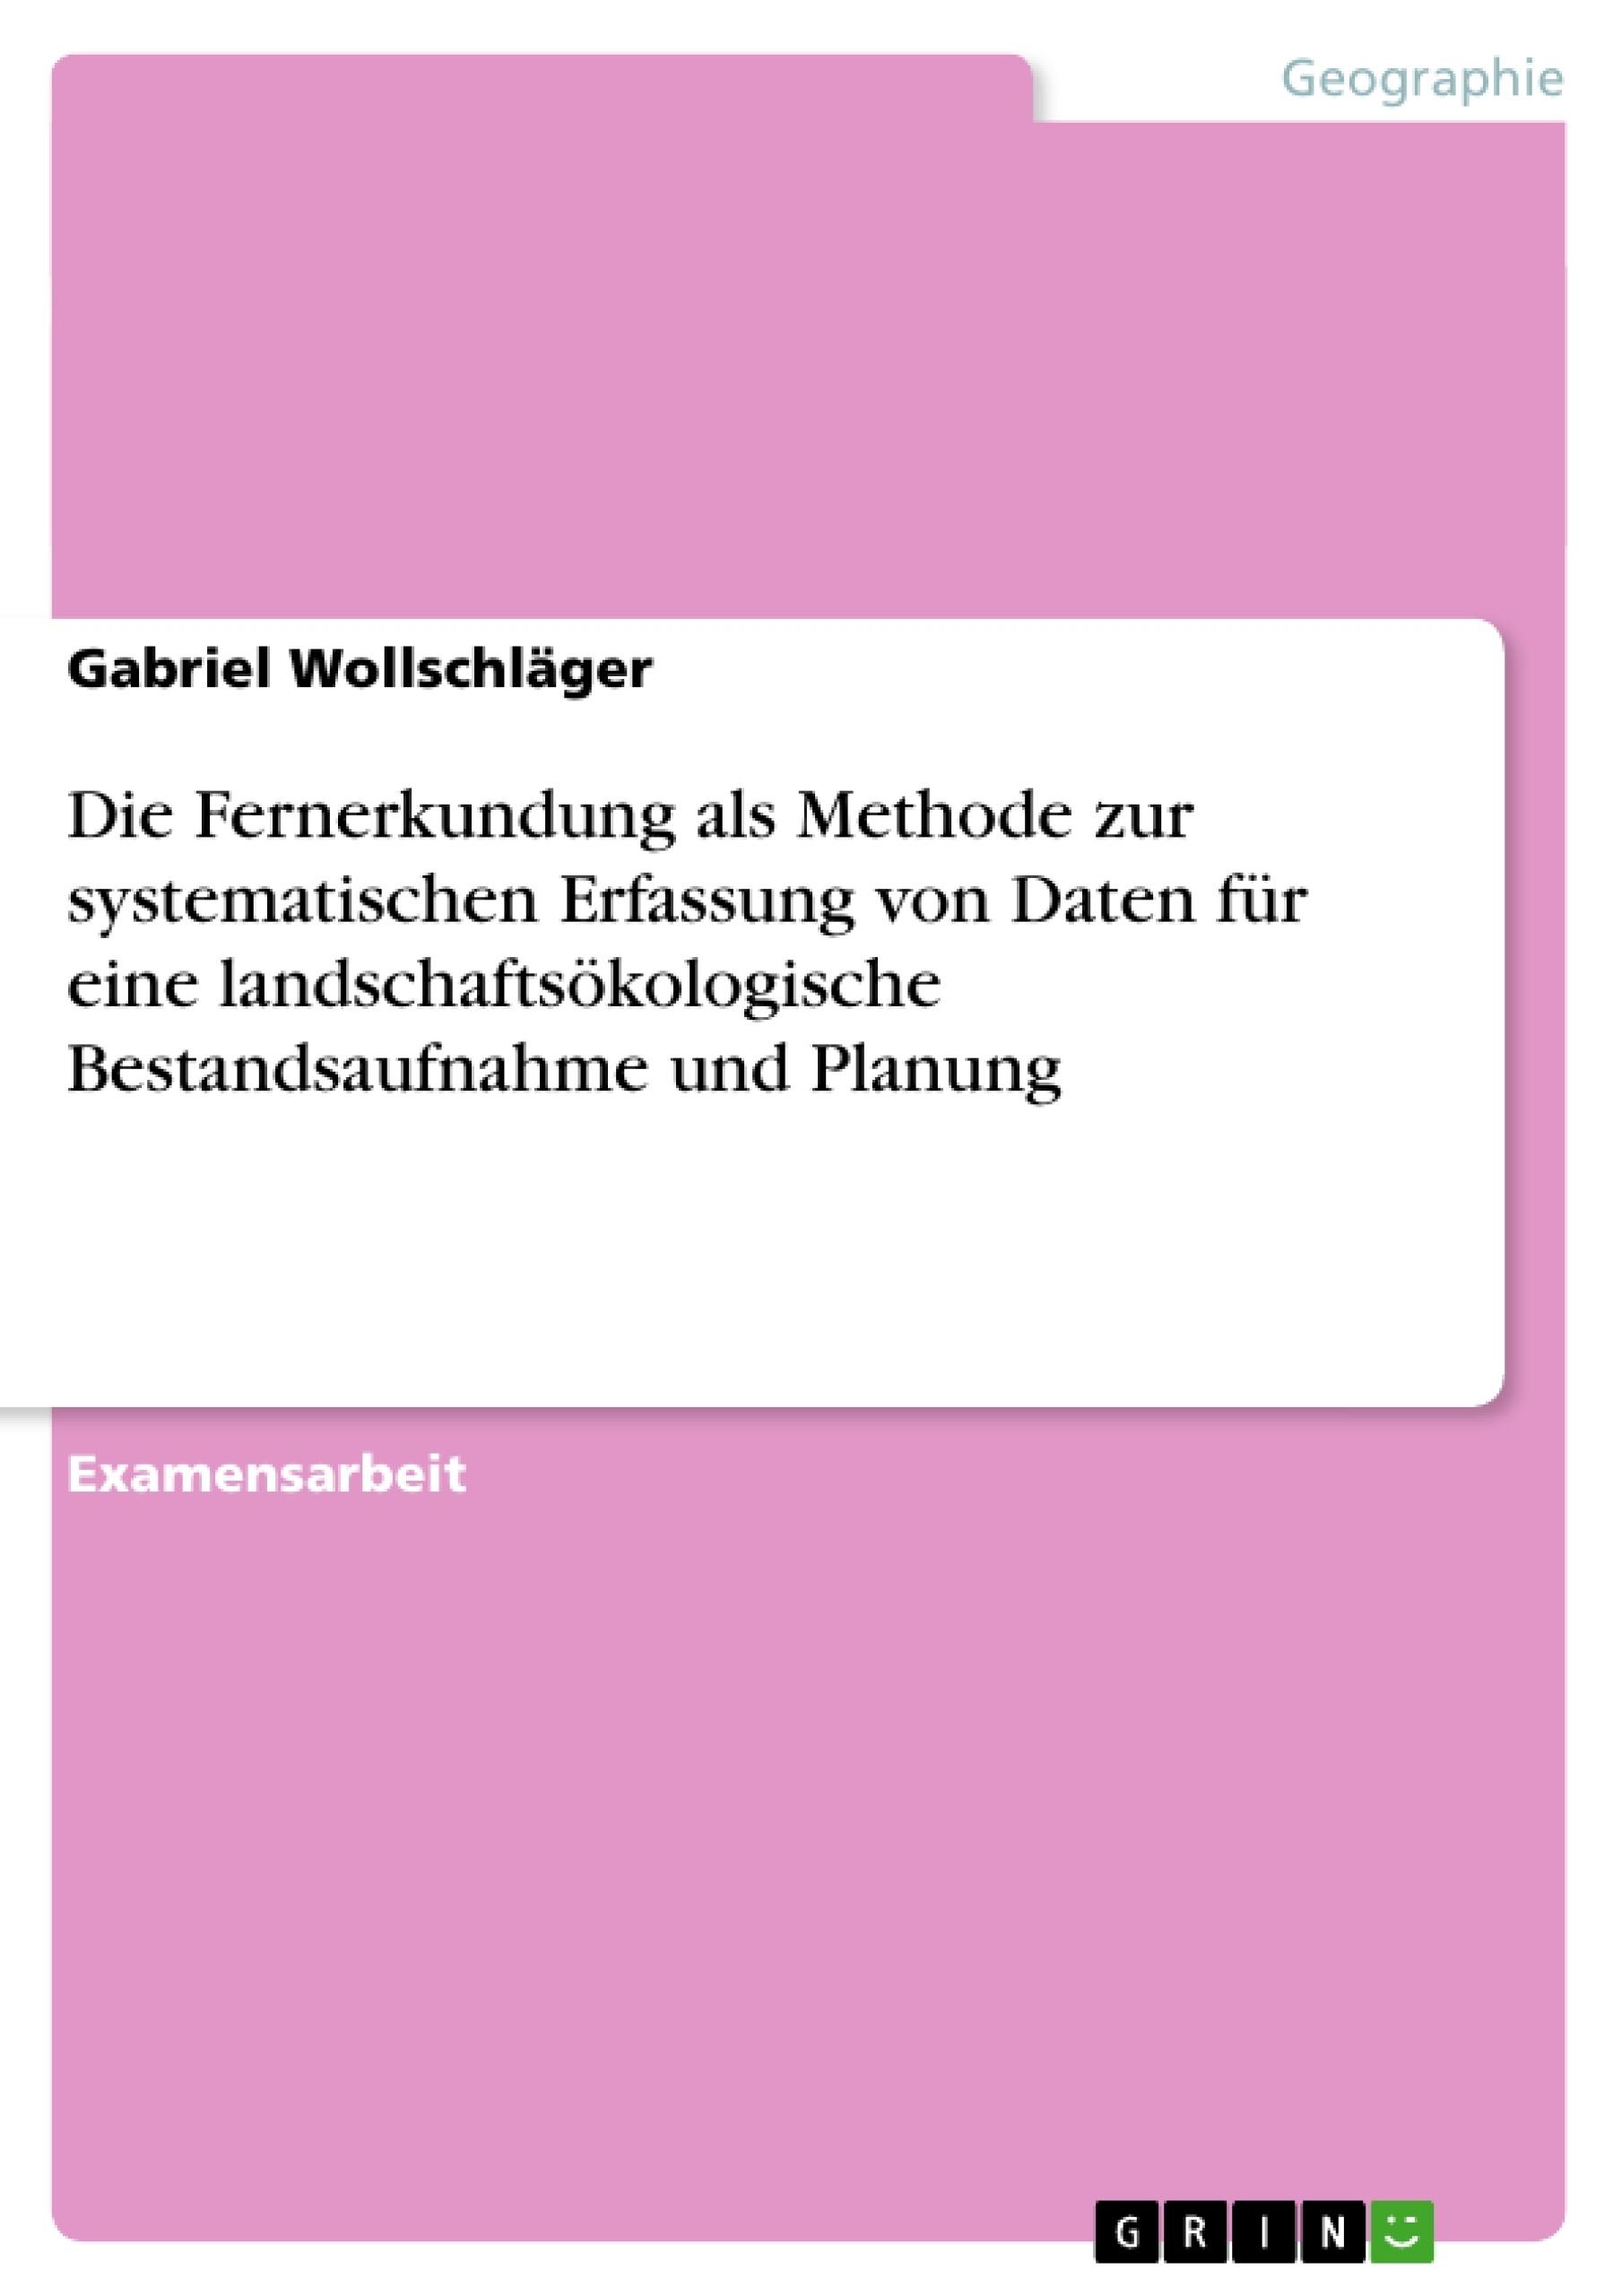 Titel: Die Fernerkundung als Methode zur systematischen Erfassung von Daten für eine landschaftsökologische Bestandsaufnahme und Planung